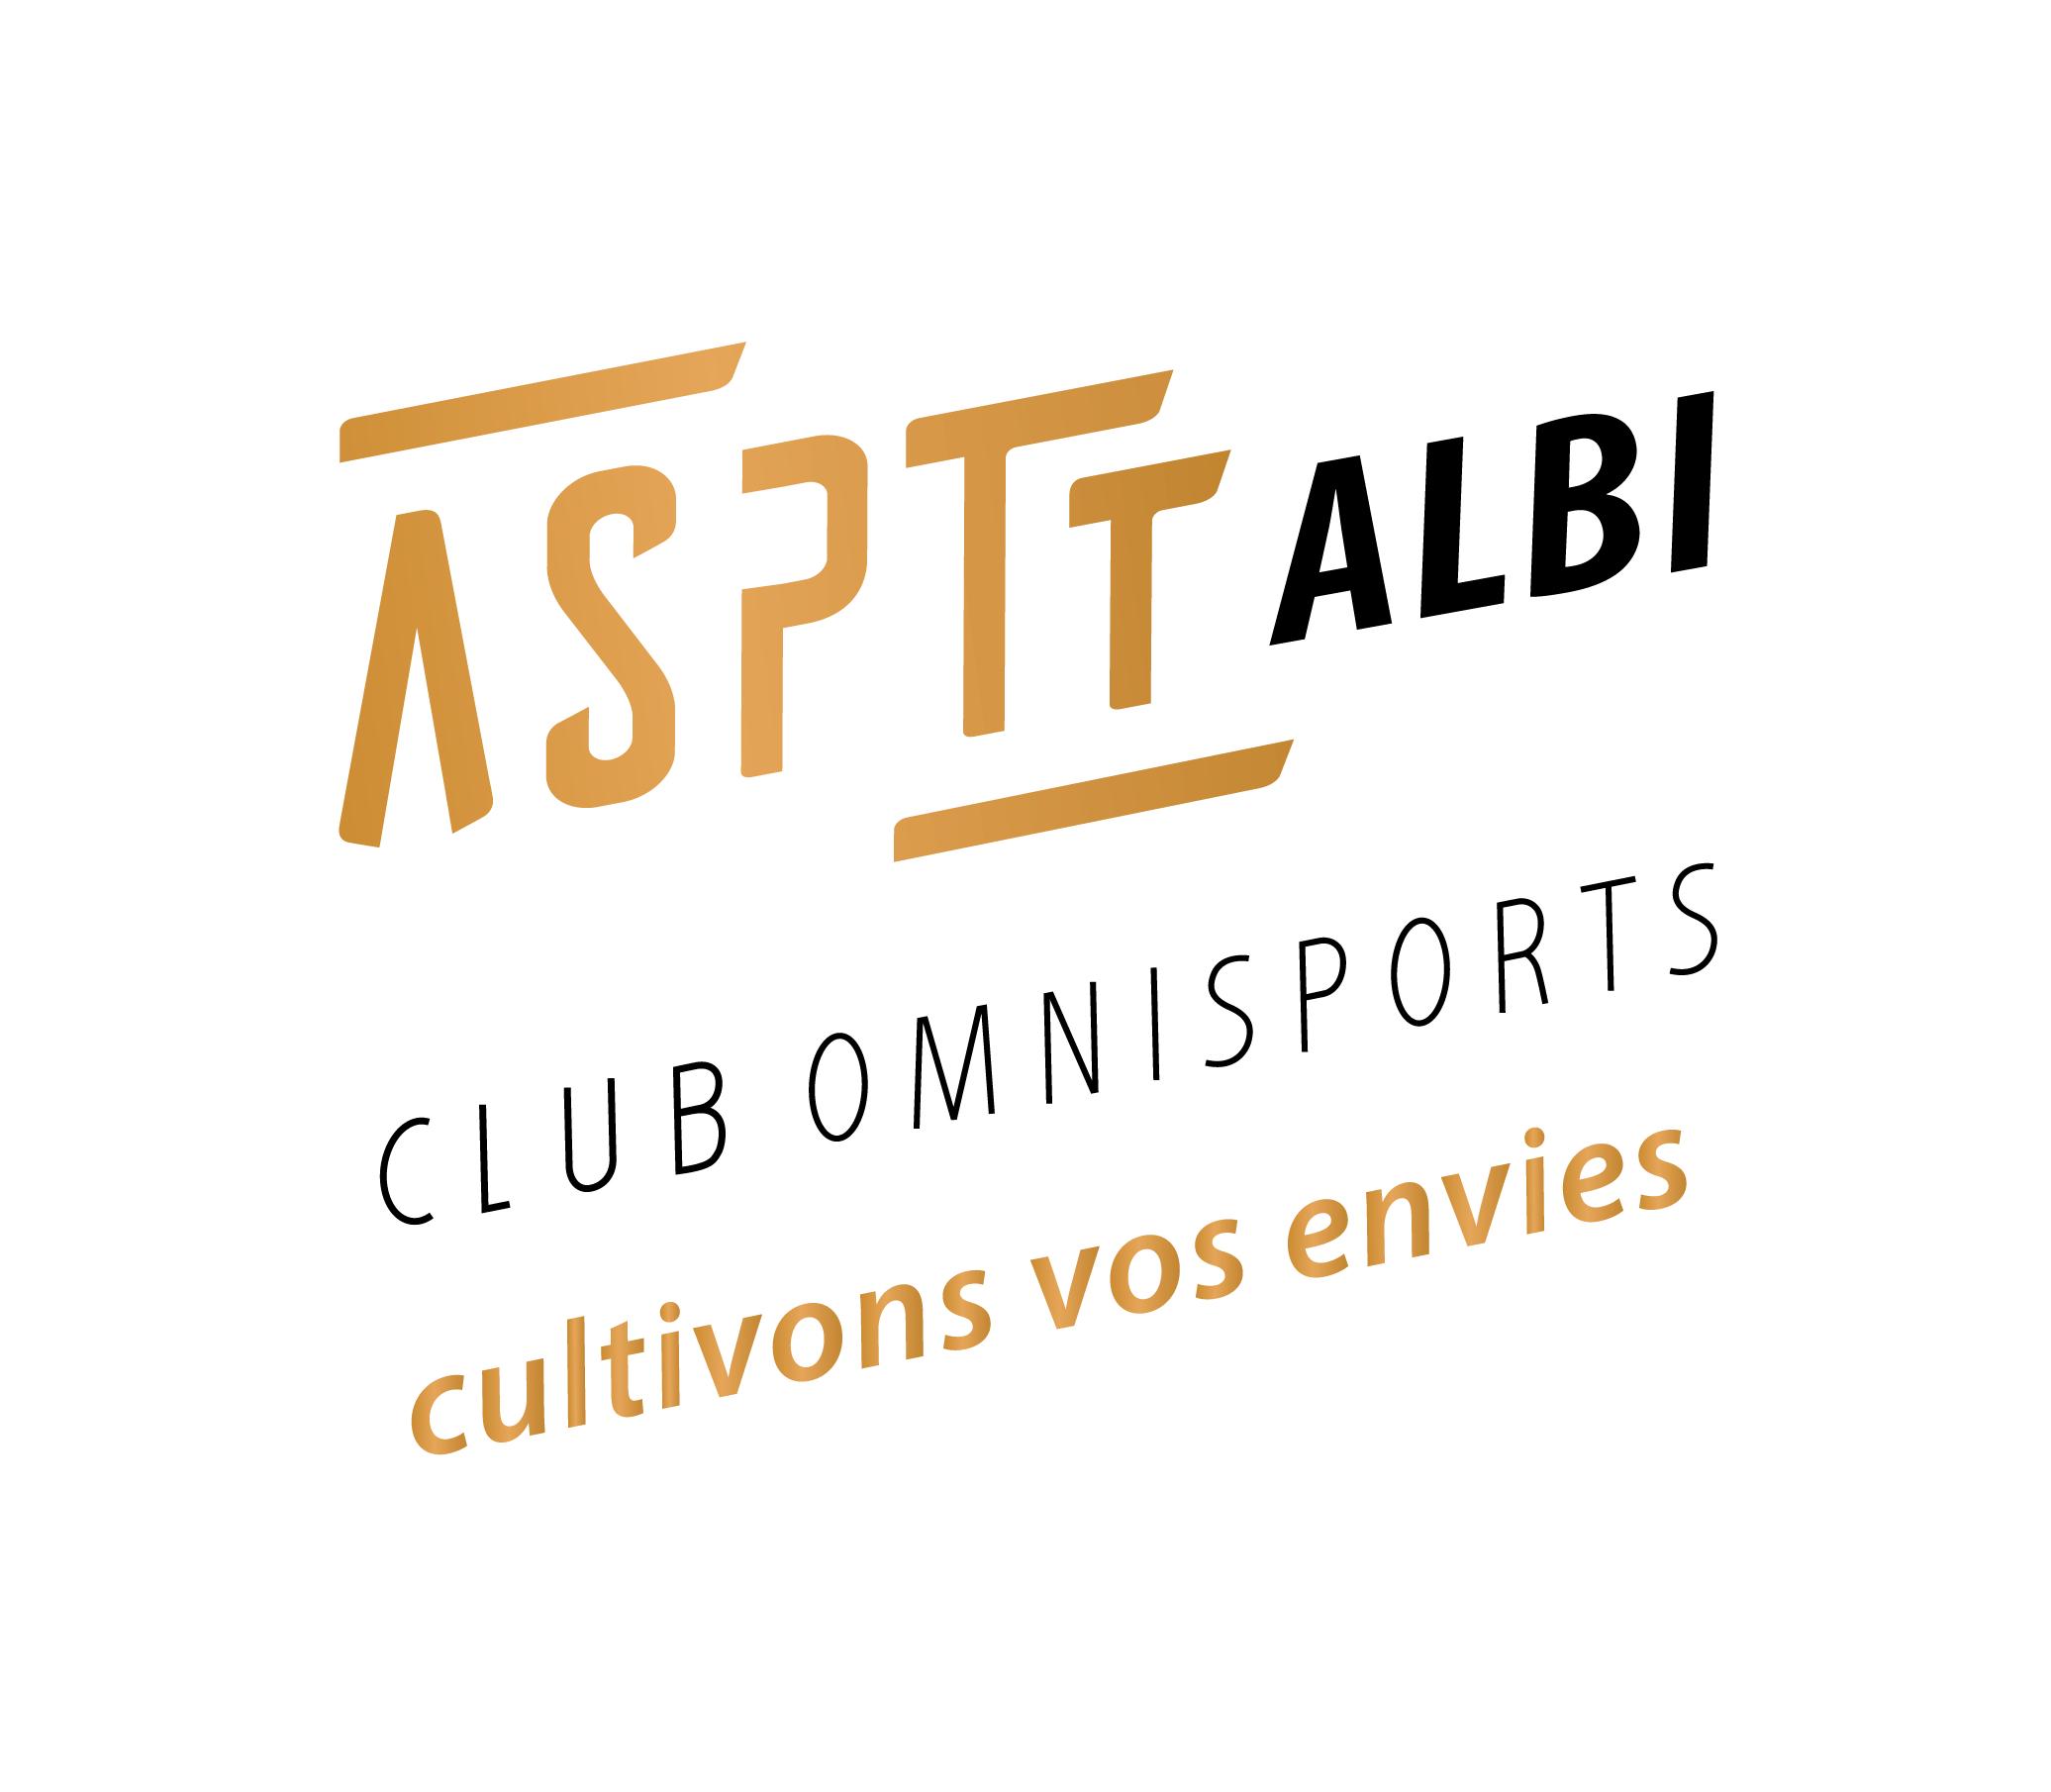 1 club 13 activités